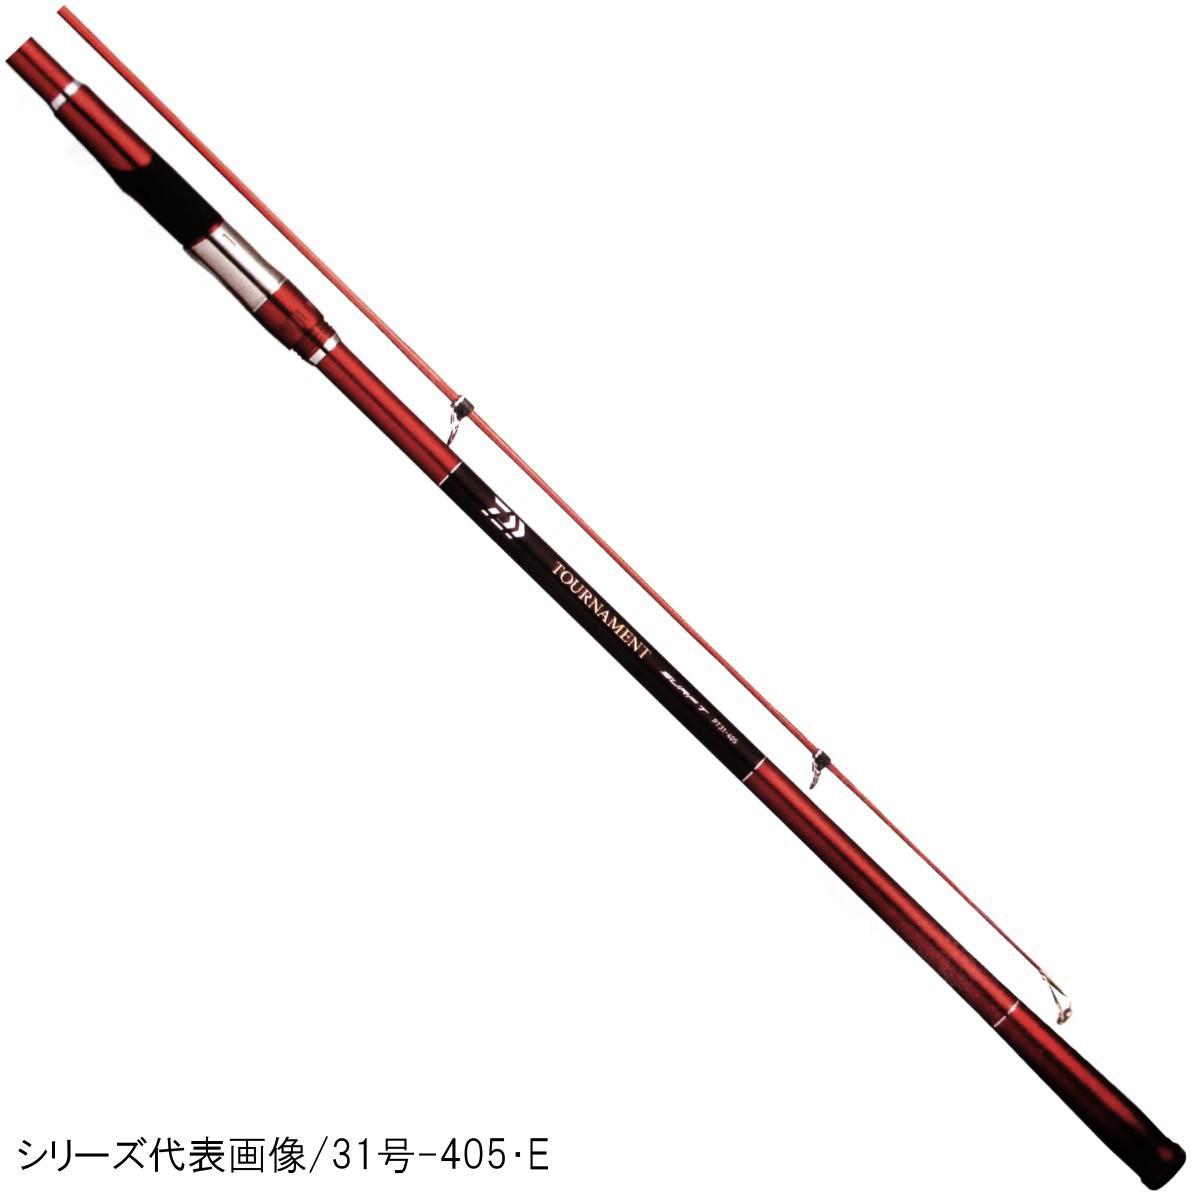 ダイワ トーナメントサーフT パワートルク 34号-405・E【大型商品】